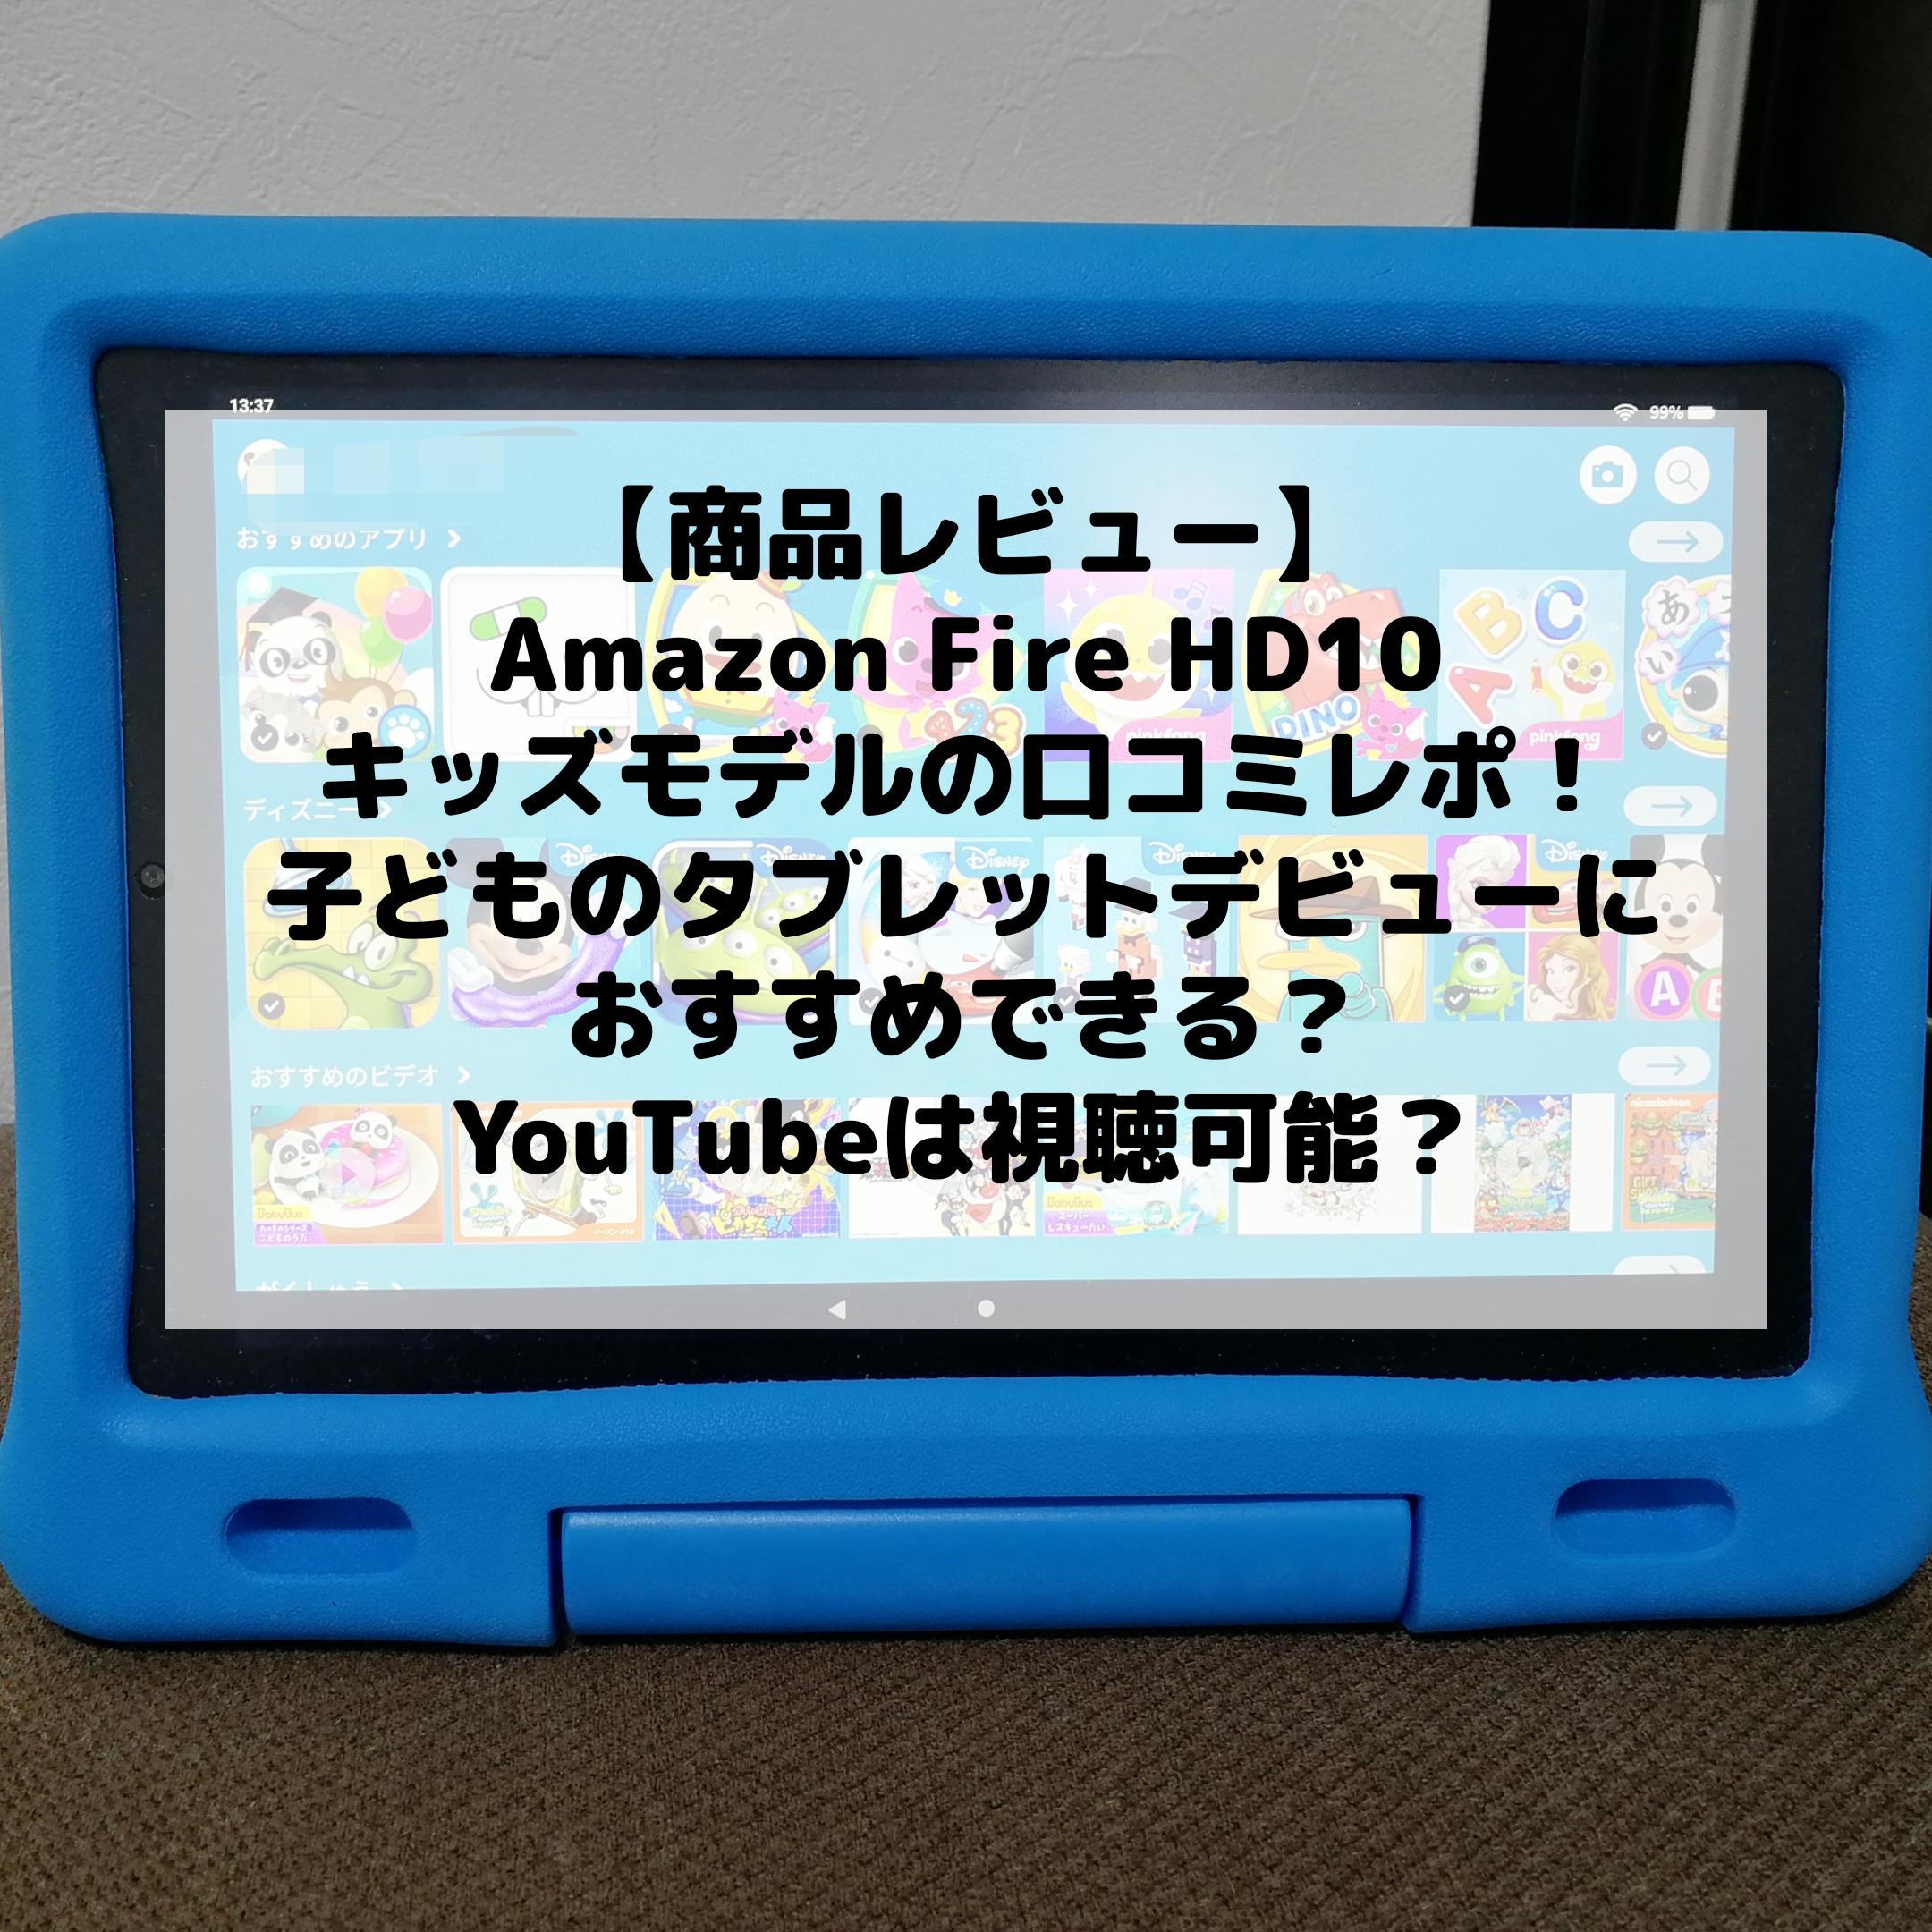 Amazon Fire HD10 キッズモデルの口コミレビュー!Youtubeは見れる?5歳の体験談